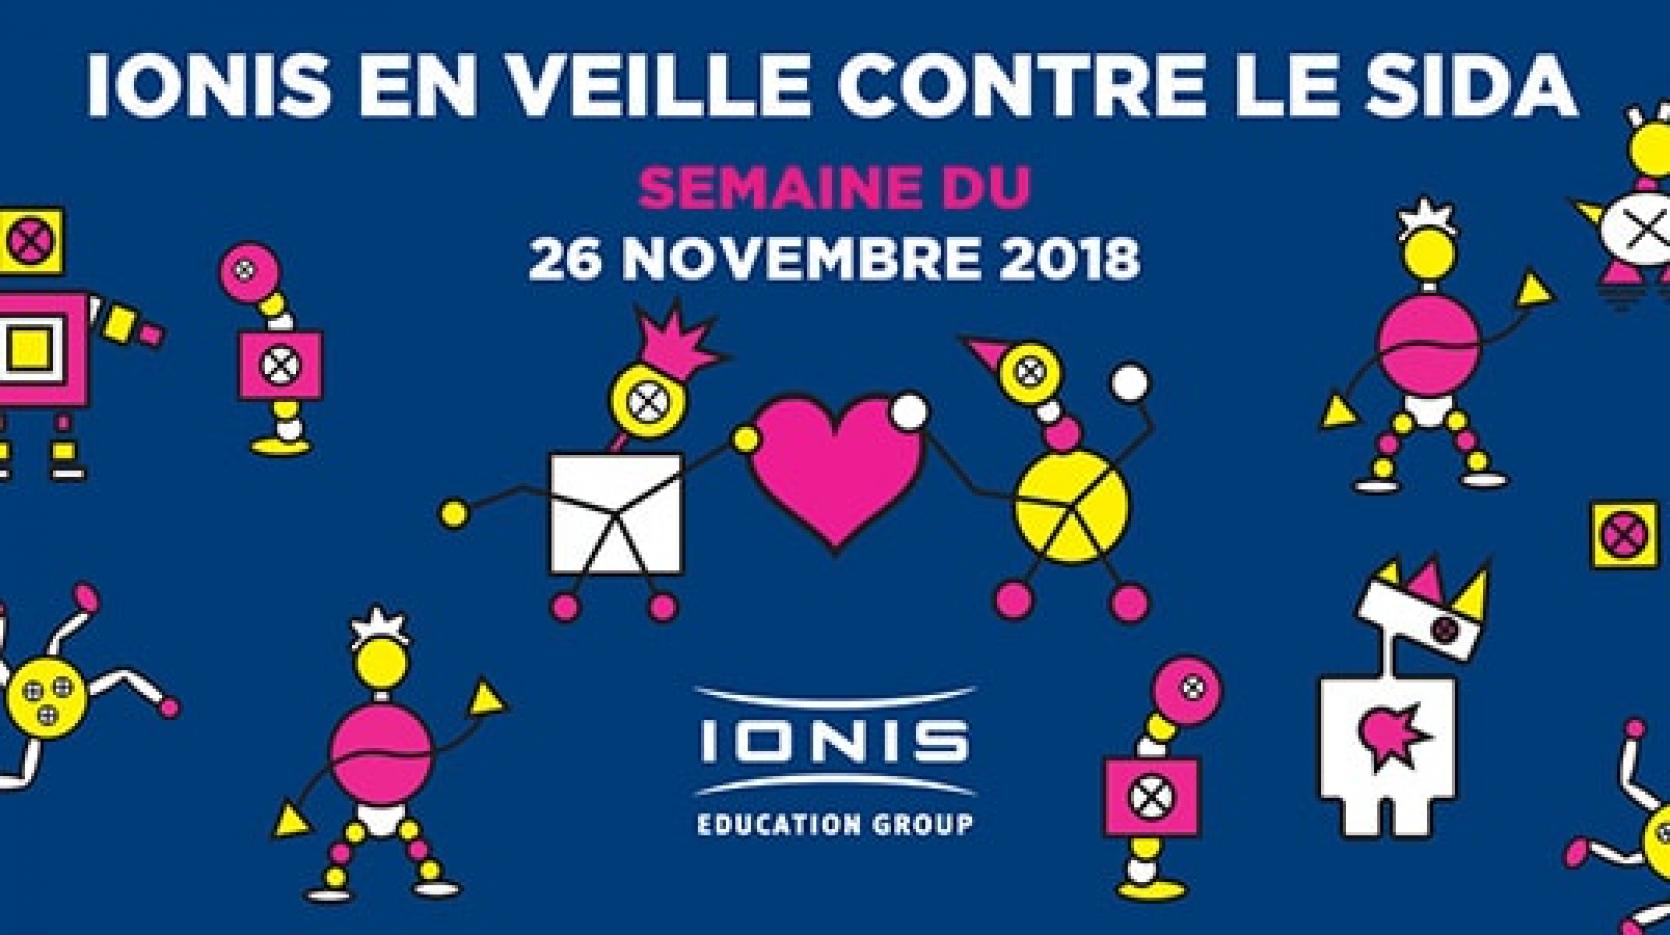 annonce_campagne_ionis-en-veille-contre-le-sida_ecoles_etudiants_recolte_fonds_sensibilisation_information_evenement_novembre_2018_etna_home